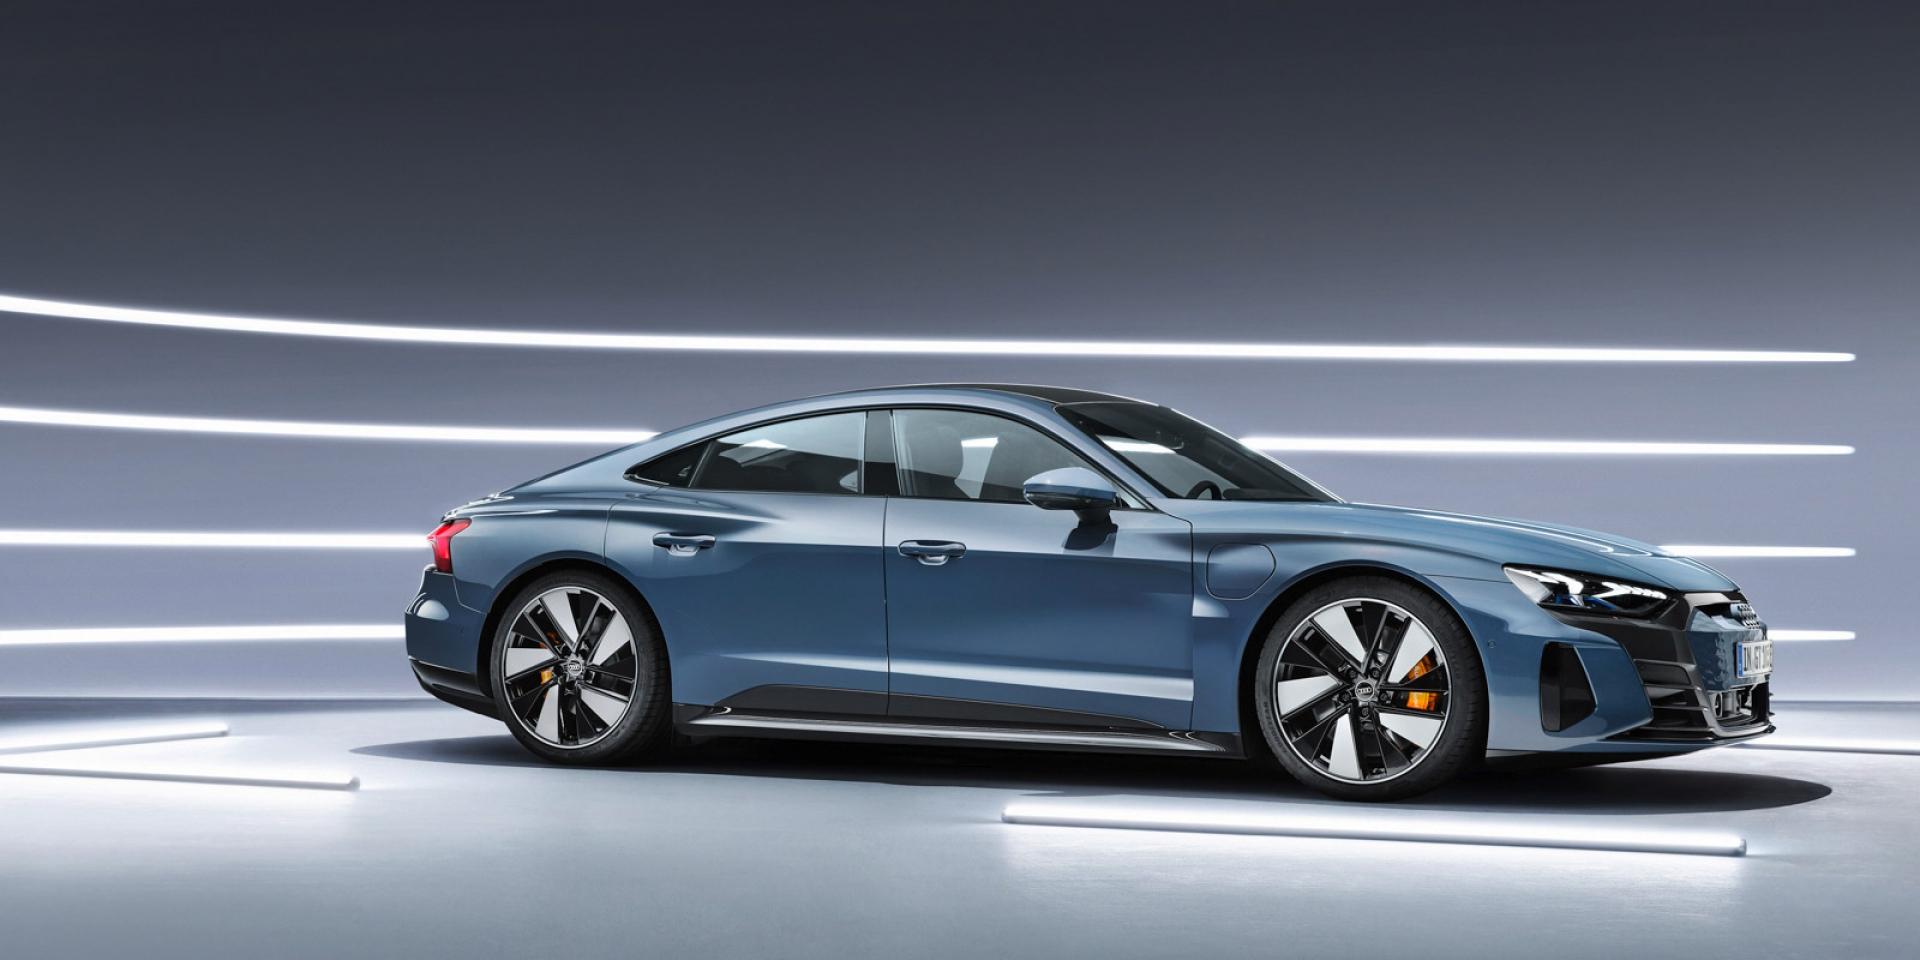 官方新聞稿。絕美電駒Audi e-tron GT 車系開始預售  180kW Audi 極速充電站同步擴點